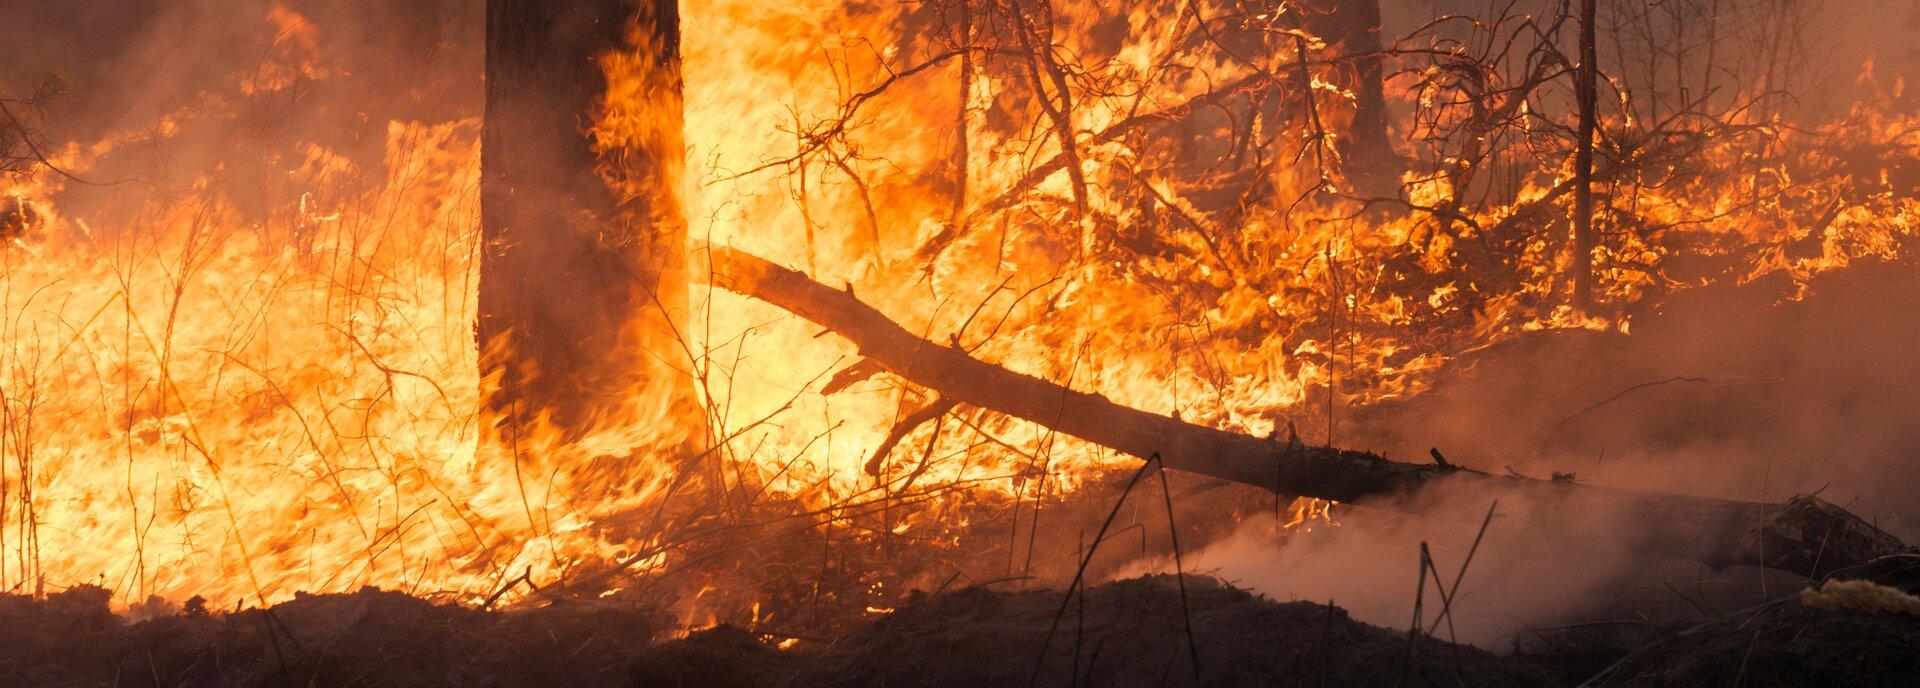 Kolorowe zdjęcie przedstawia płonący las. Na pierwszym planie stojący, płonący pień drzewa , zwalona gałąź, ogień idym. Wtle płonące mniejsze drzewa.